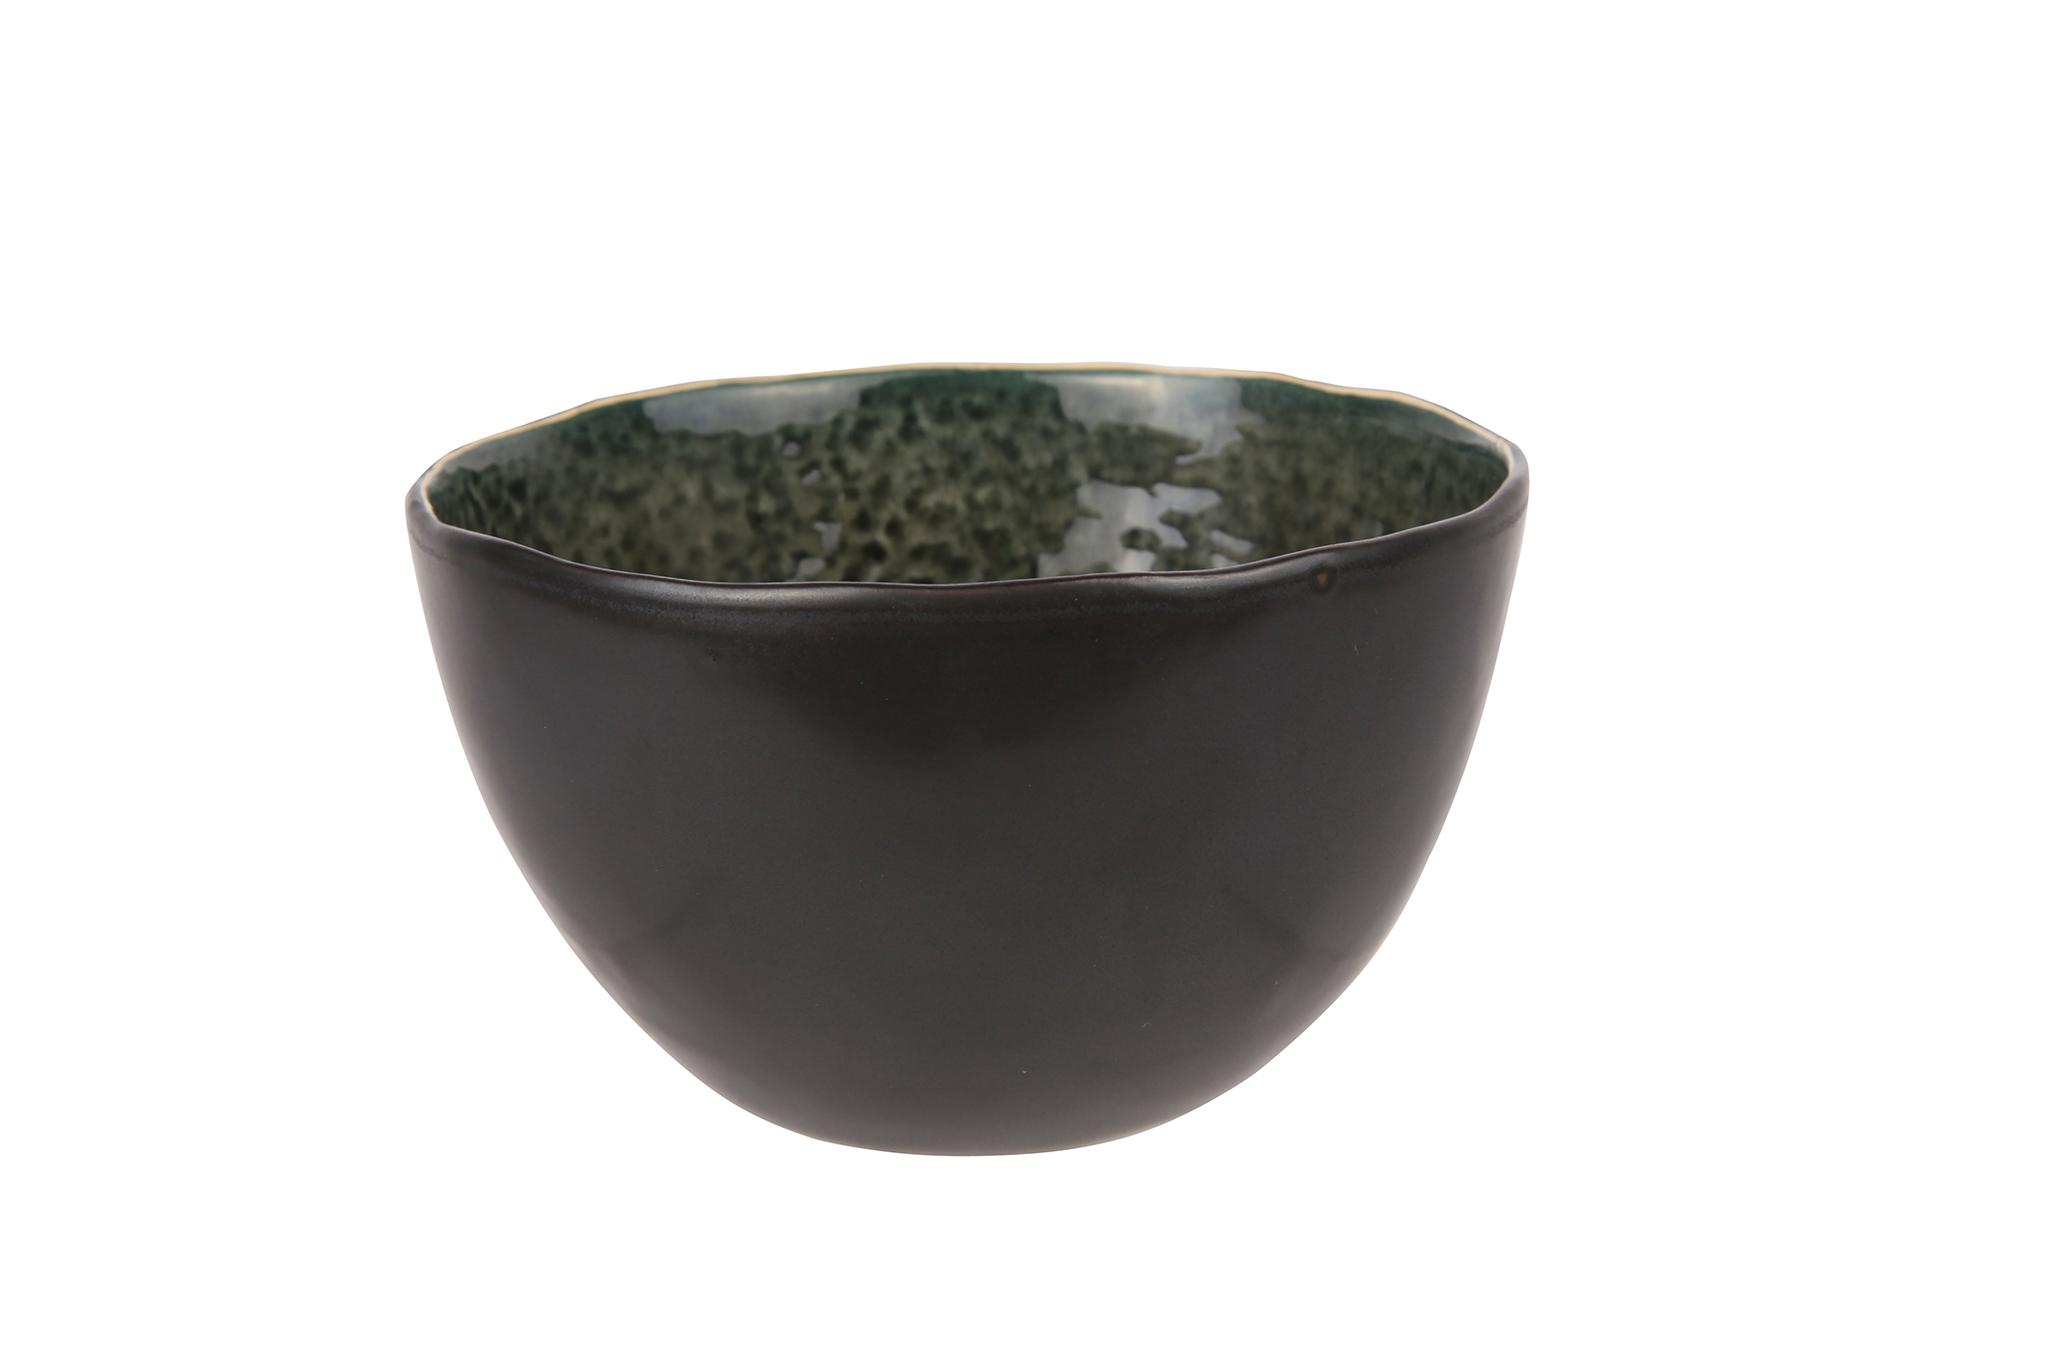 Миска 14х8,5 см COSY&amp;TRENDY Laguna verde 9583298Новинки<br>Миска 14х8,5 см COSY&amp;TRENDY Laguna verde 9583298<br><br>Эта коллекция из каменной керамики поражает удивительным цветом, текстурой и формой. Насыщенный темно-серый оттенок с волнистым рельефом погружают в прибрежную лагуну. Органические края для дополнительного дизайна. Коллекция Laguna Verde воссоздает исключительный внешний вид приготовленных блюд.<br>